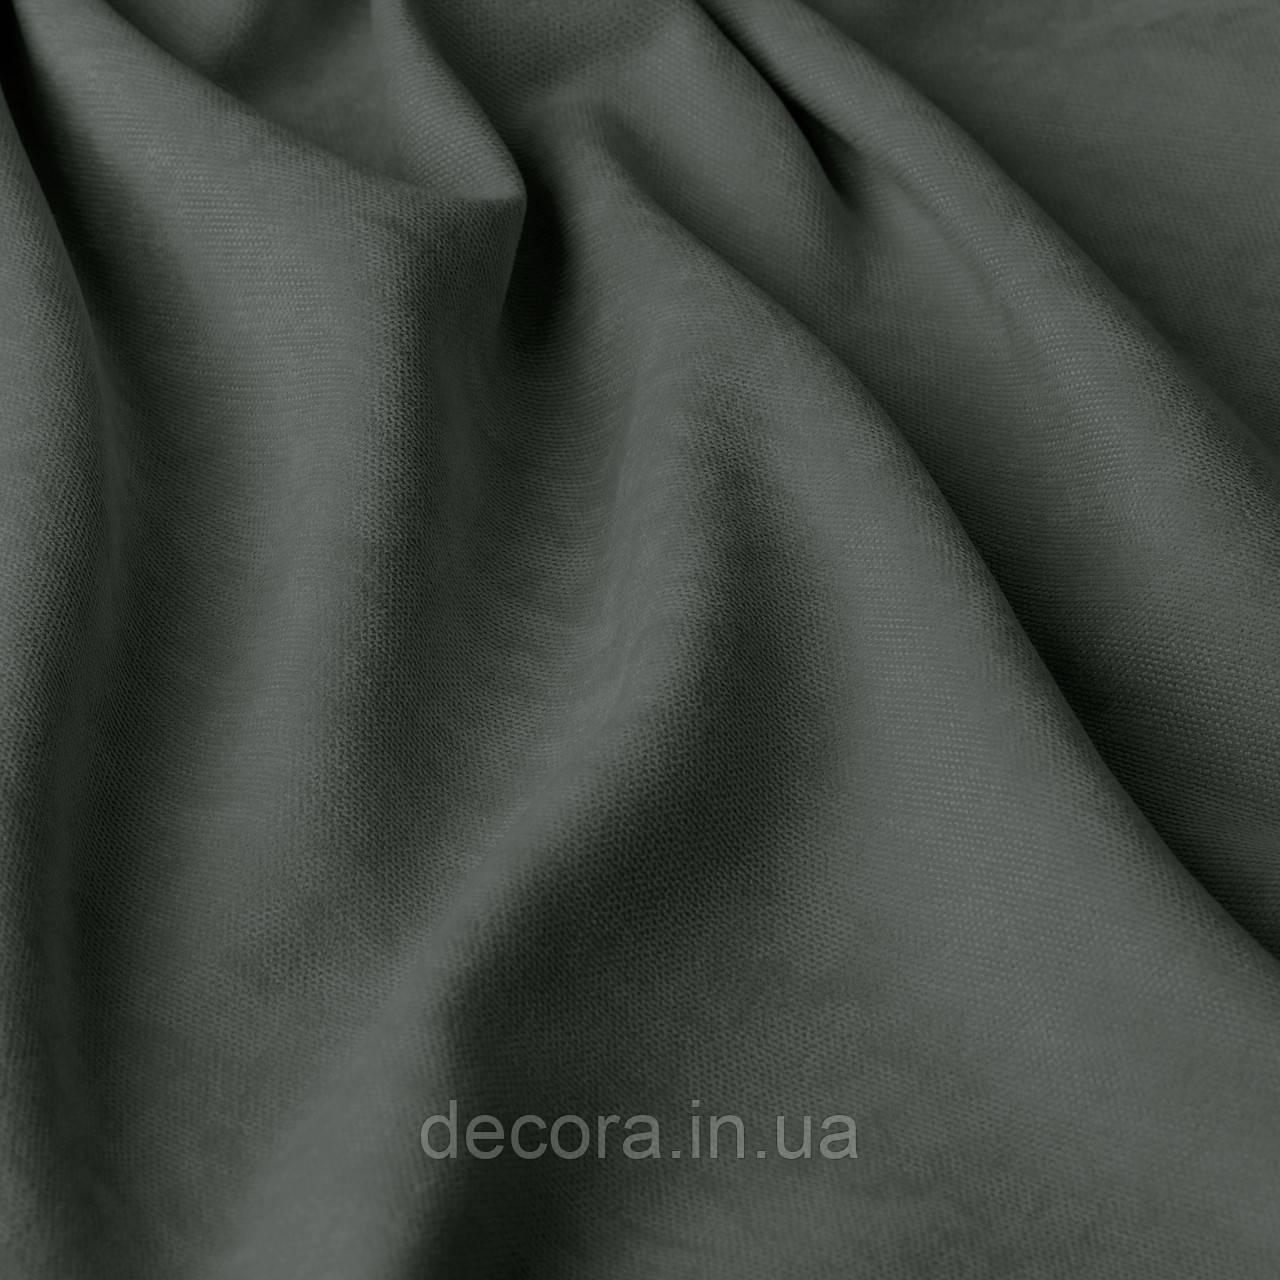 Однотонна декоративна тканина велюр білого кольору, Туреччина 121000v39